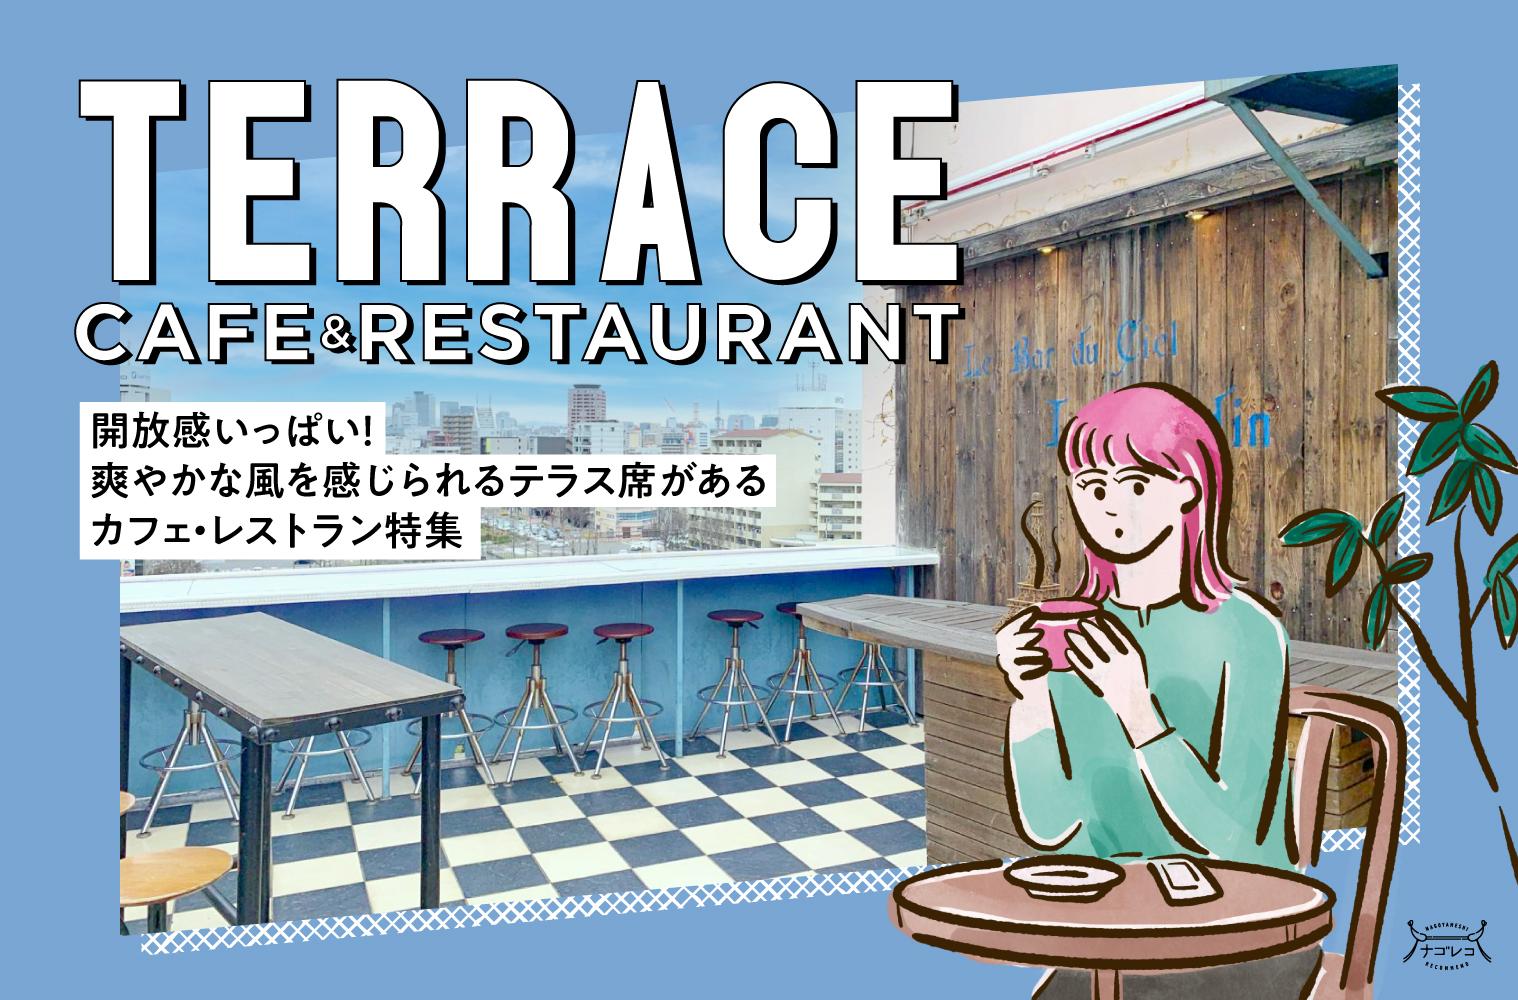 まとめ|開放感いっぱい!爽やかな風を感じられるテラス席があるカフェ・レストラン特集